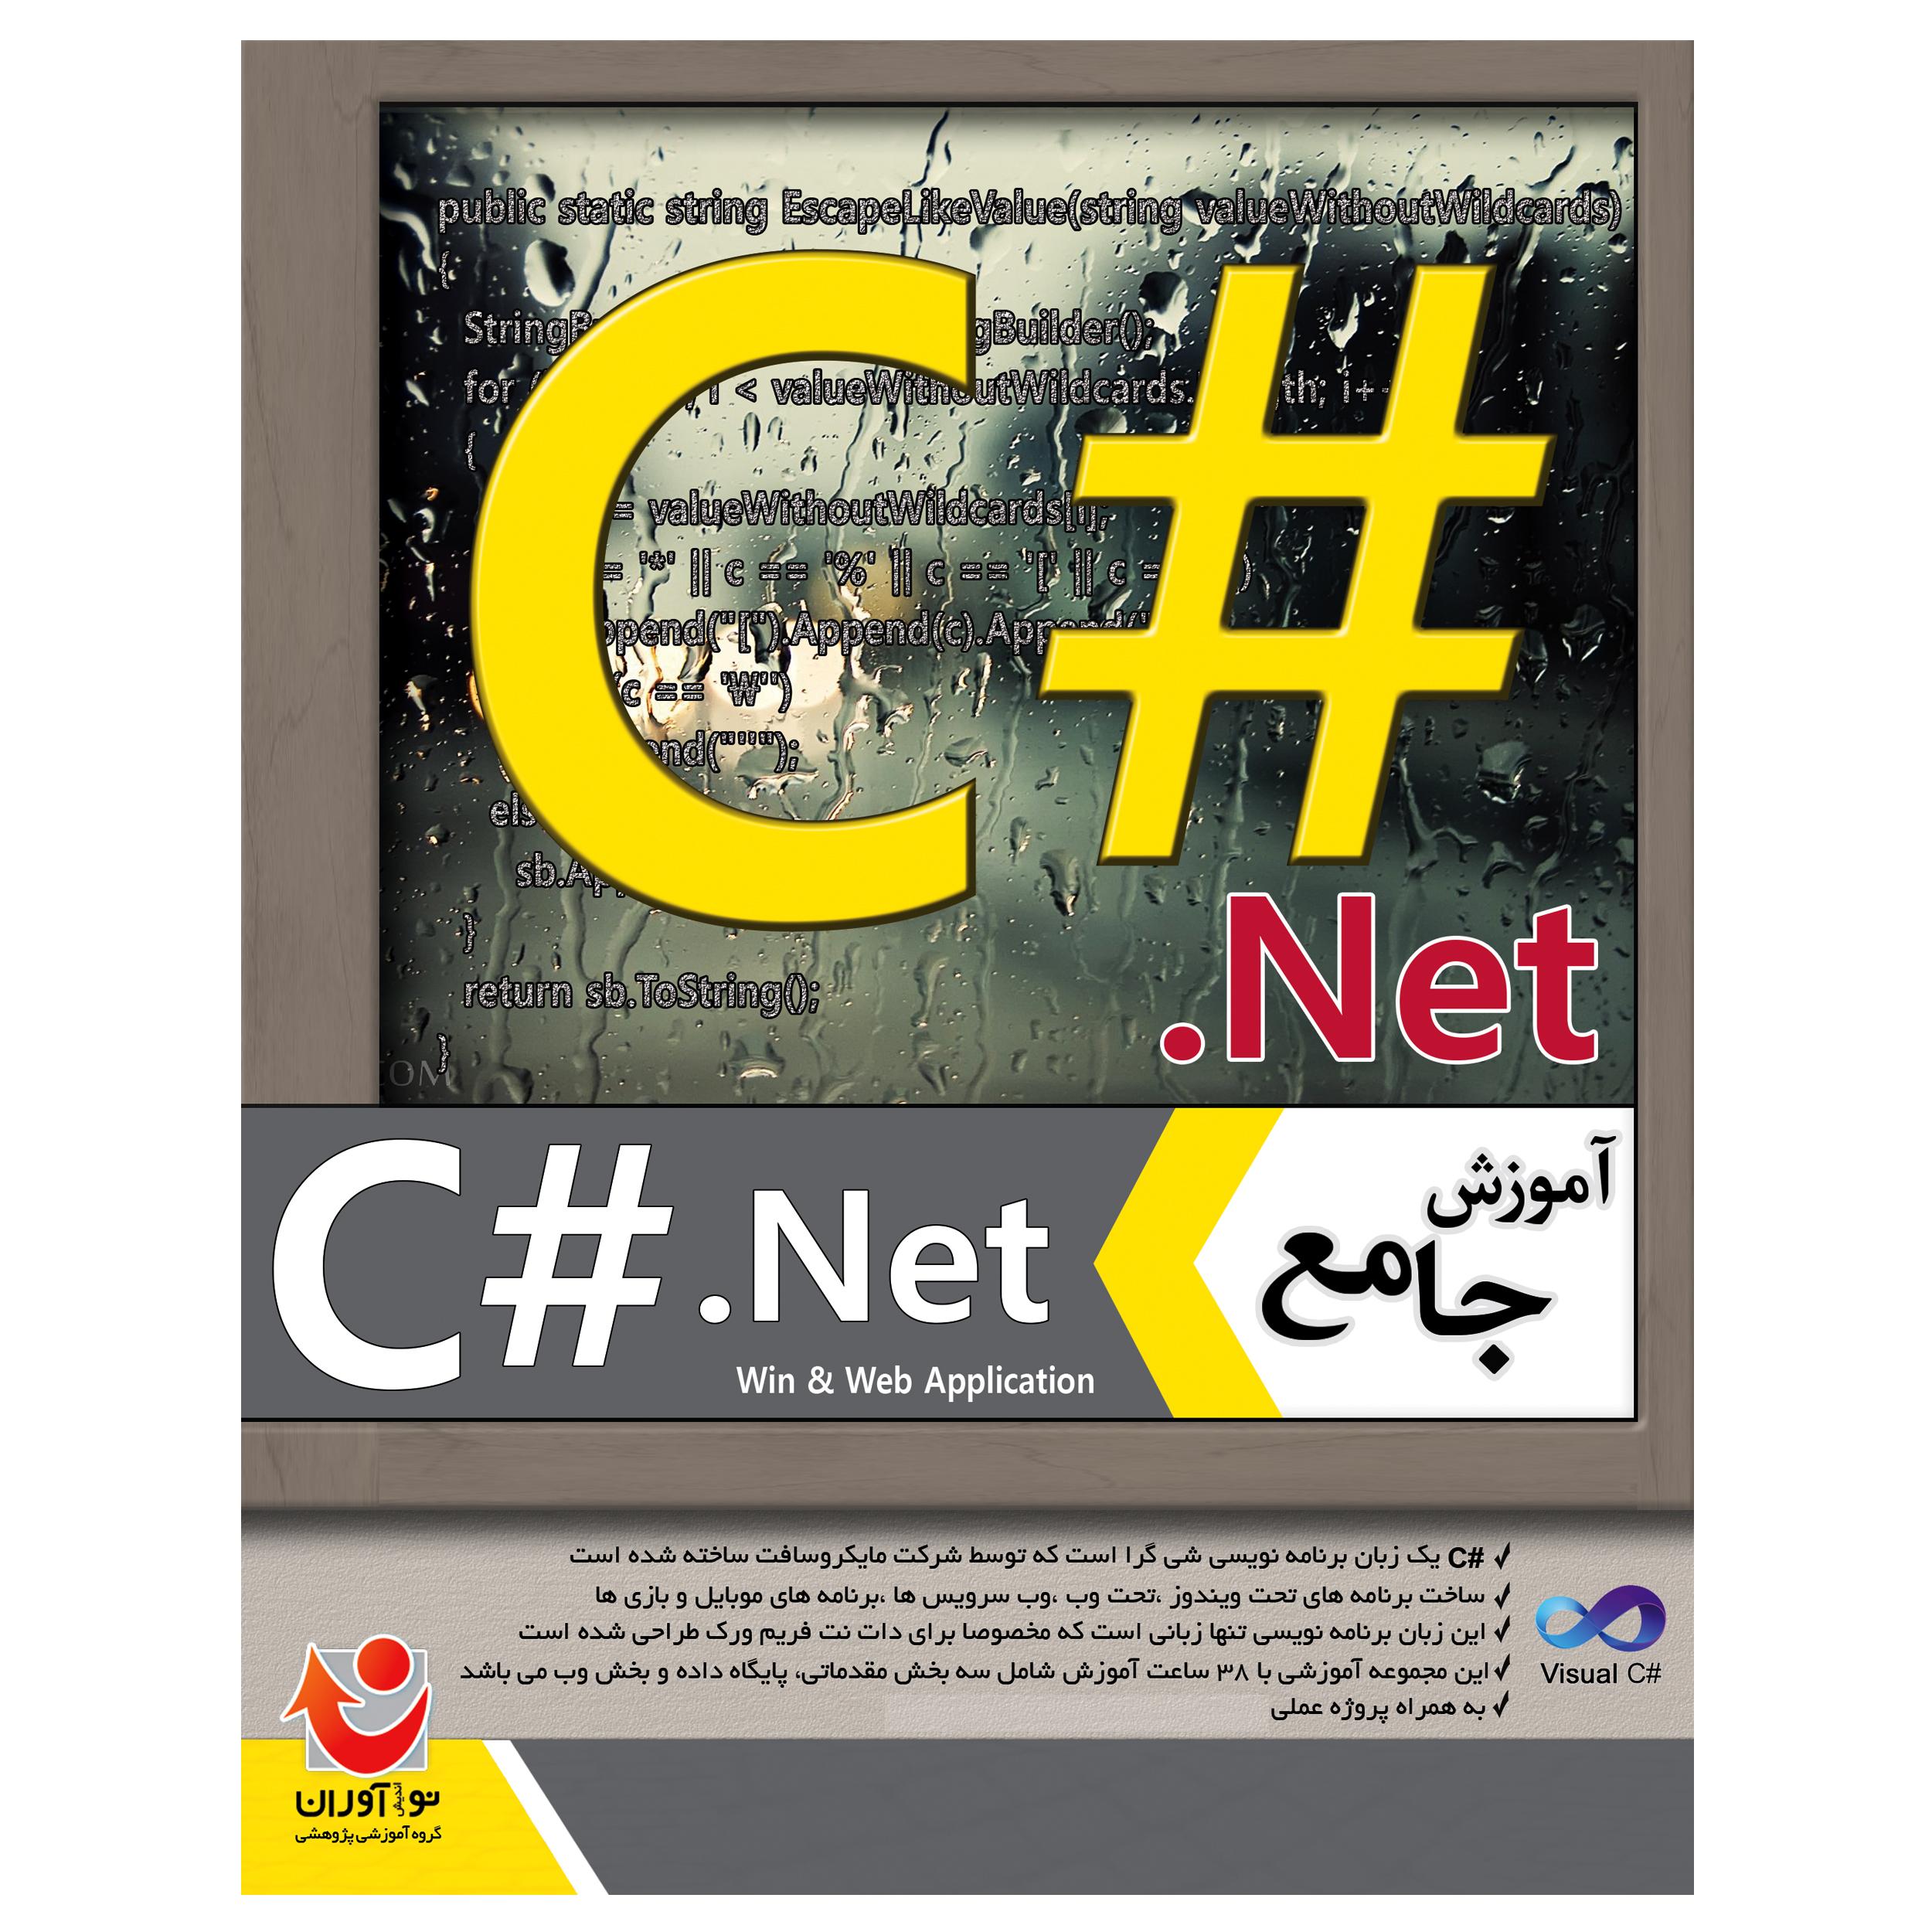 نرم افزار آموزش جامع C#.NET نشر نوآوران